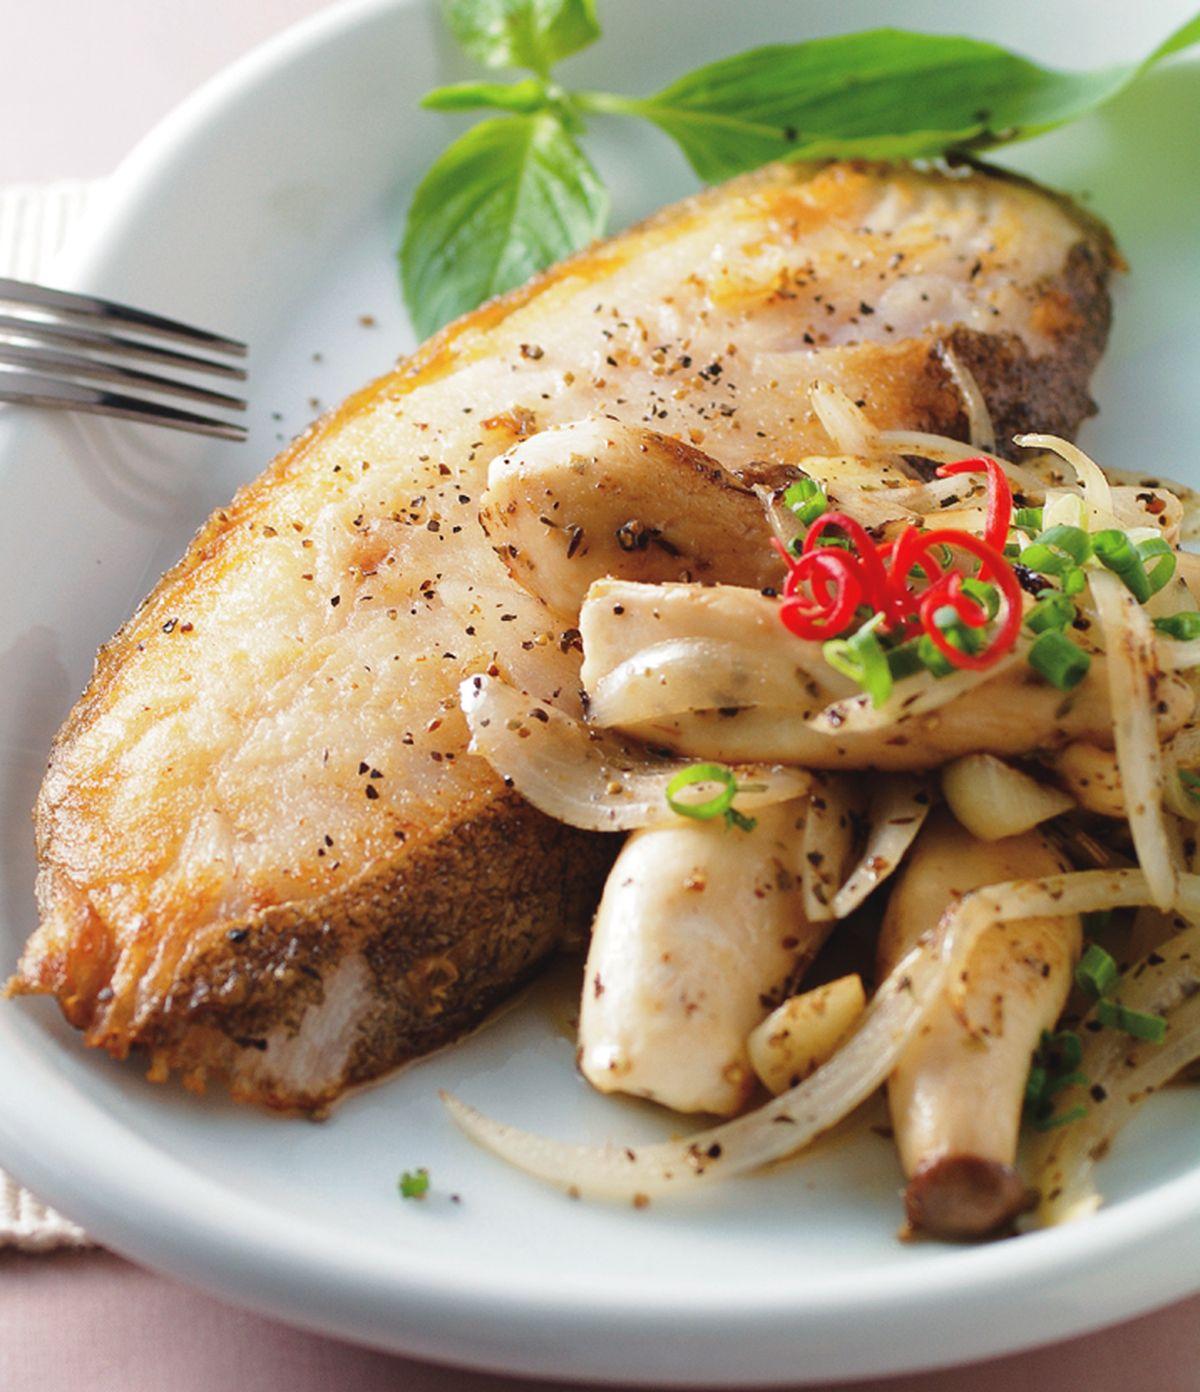 食譜:普羅旺斯煎鱈魚